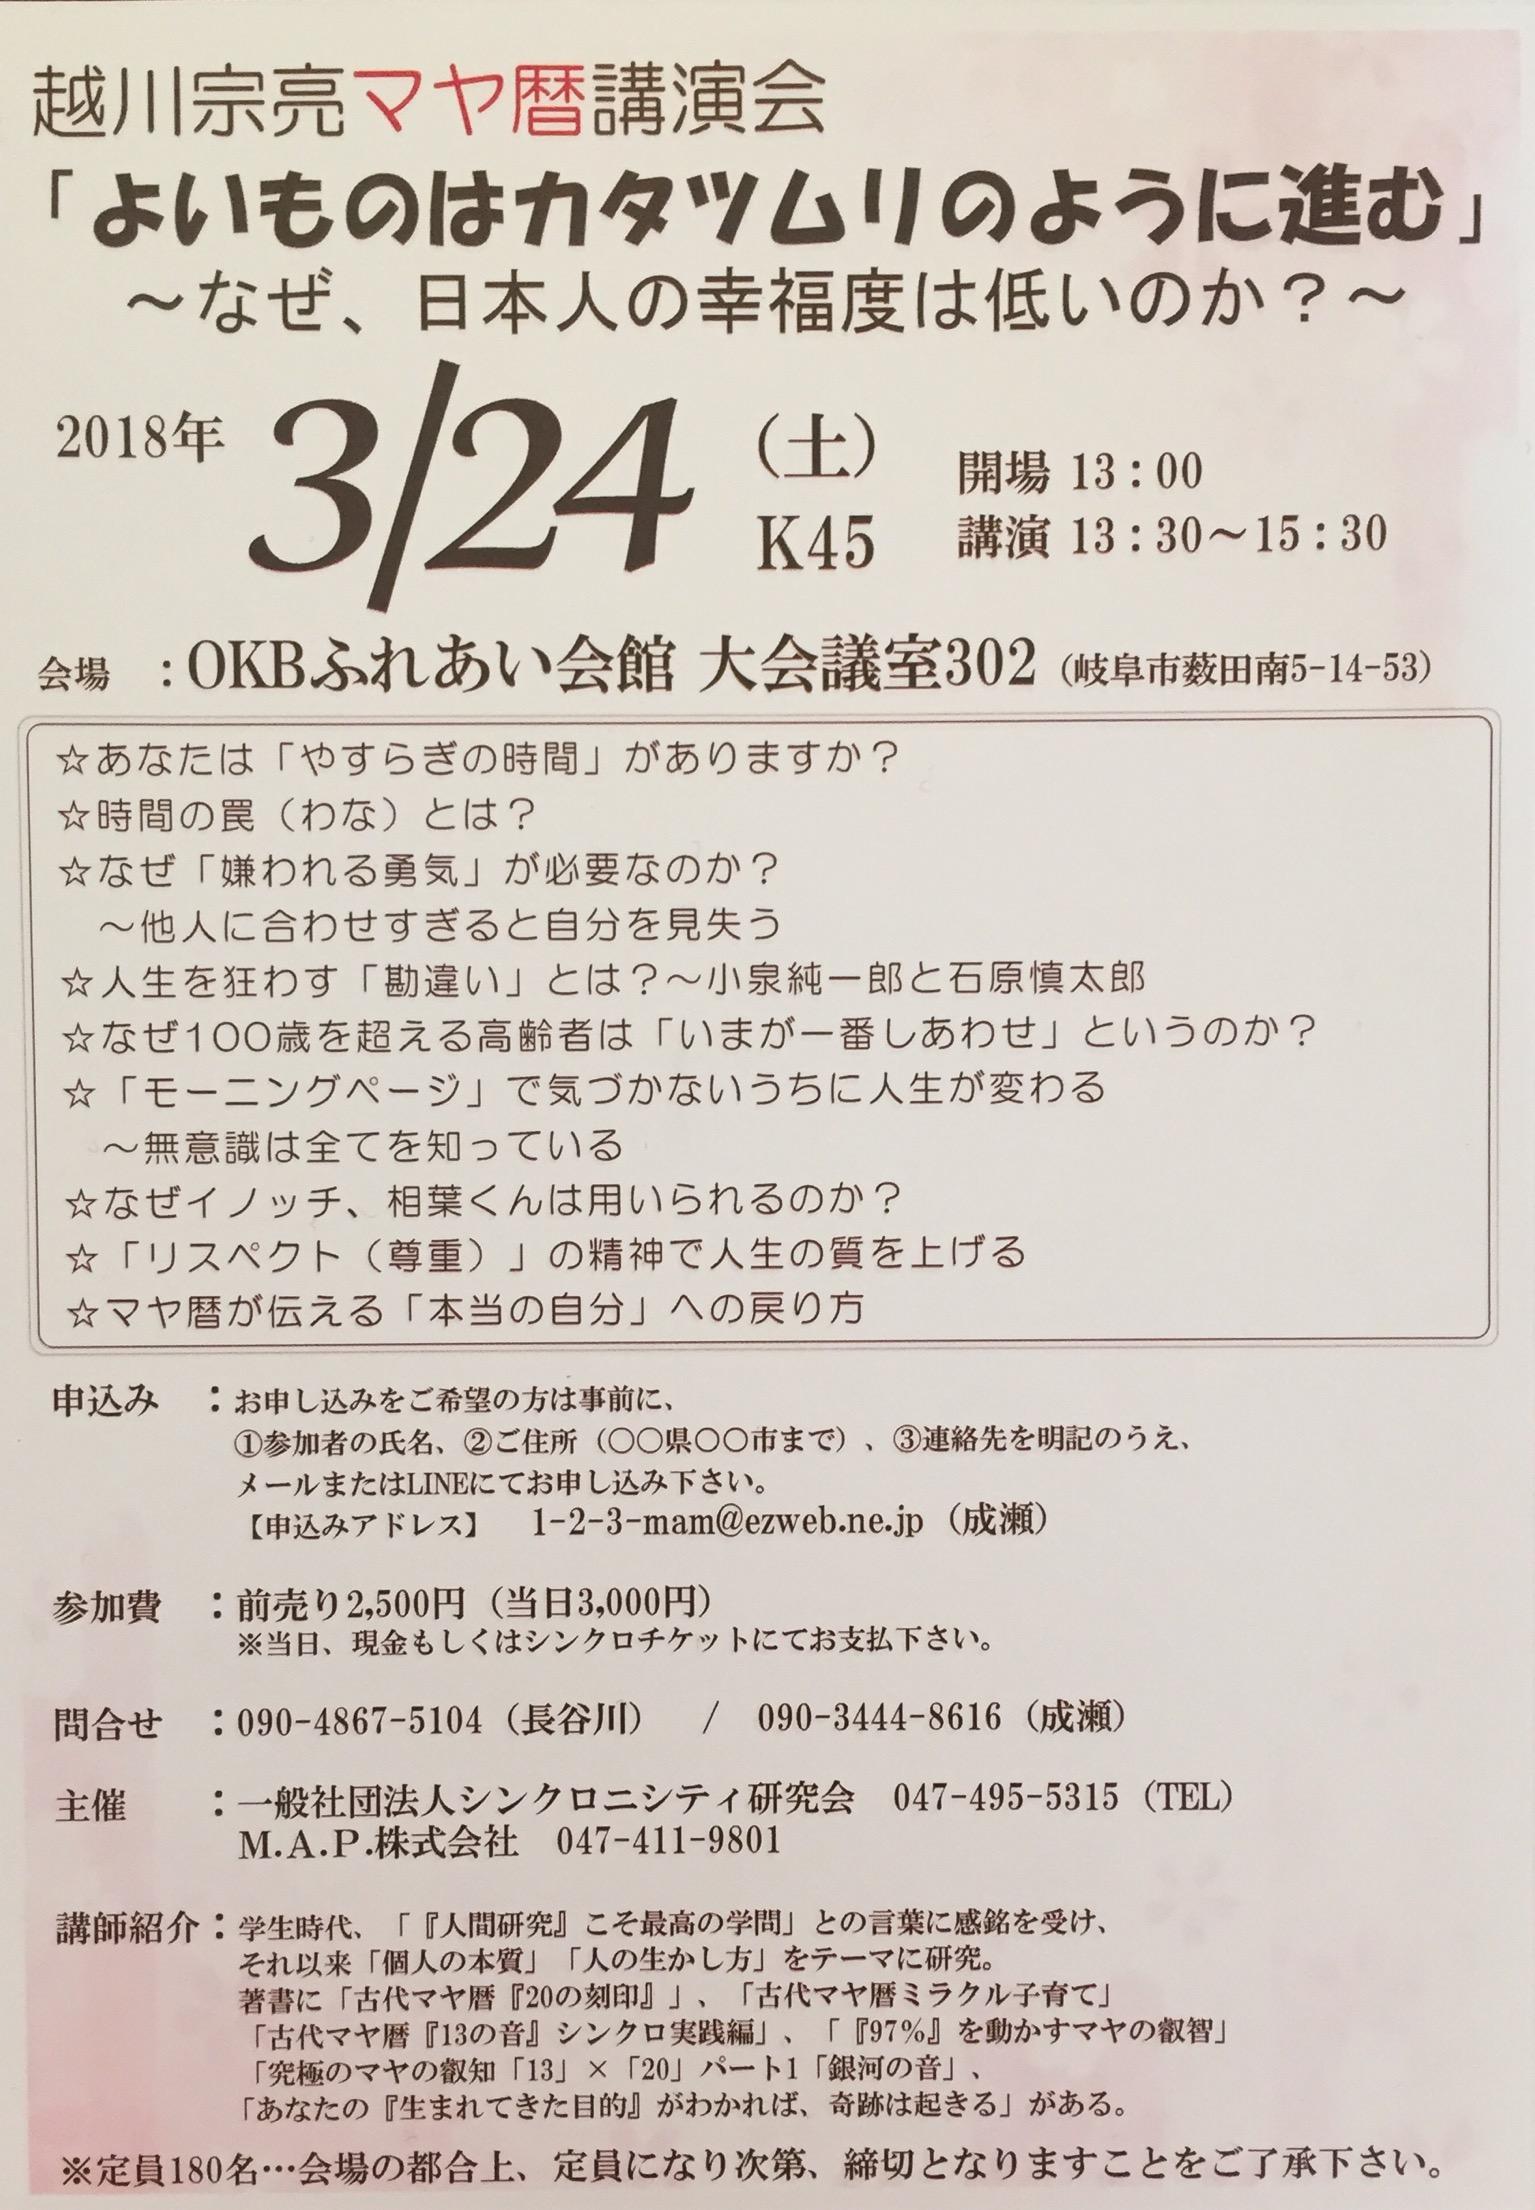 2B41AE28-E569-4D84-B88D-98841053F134